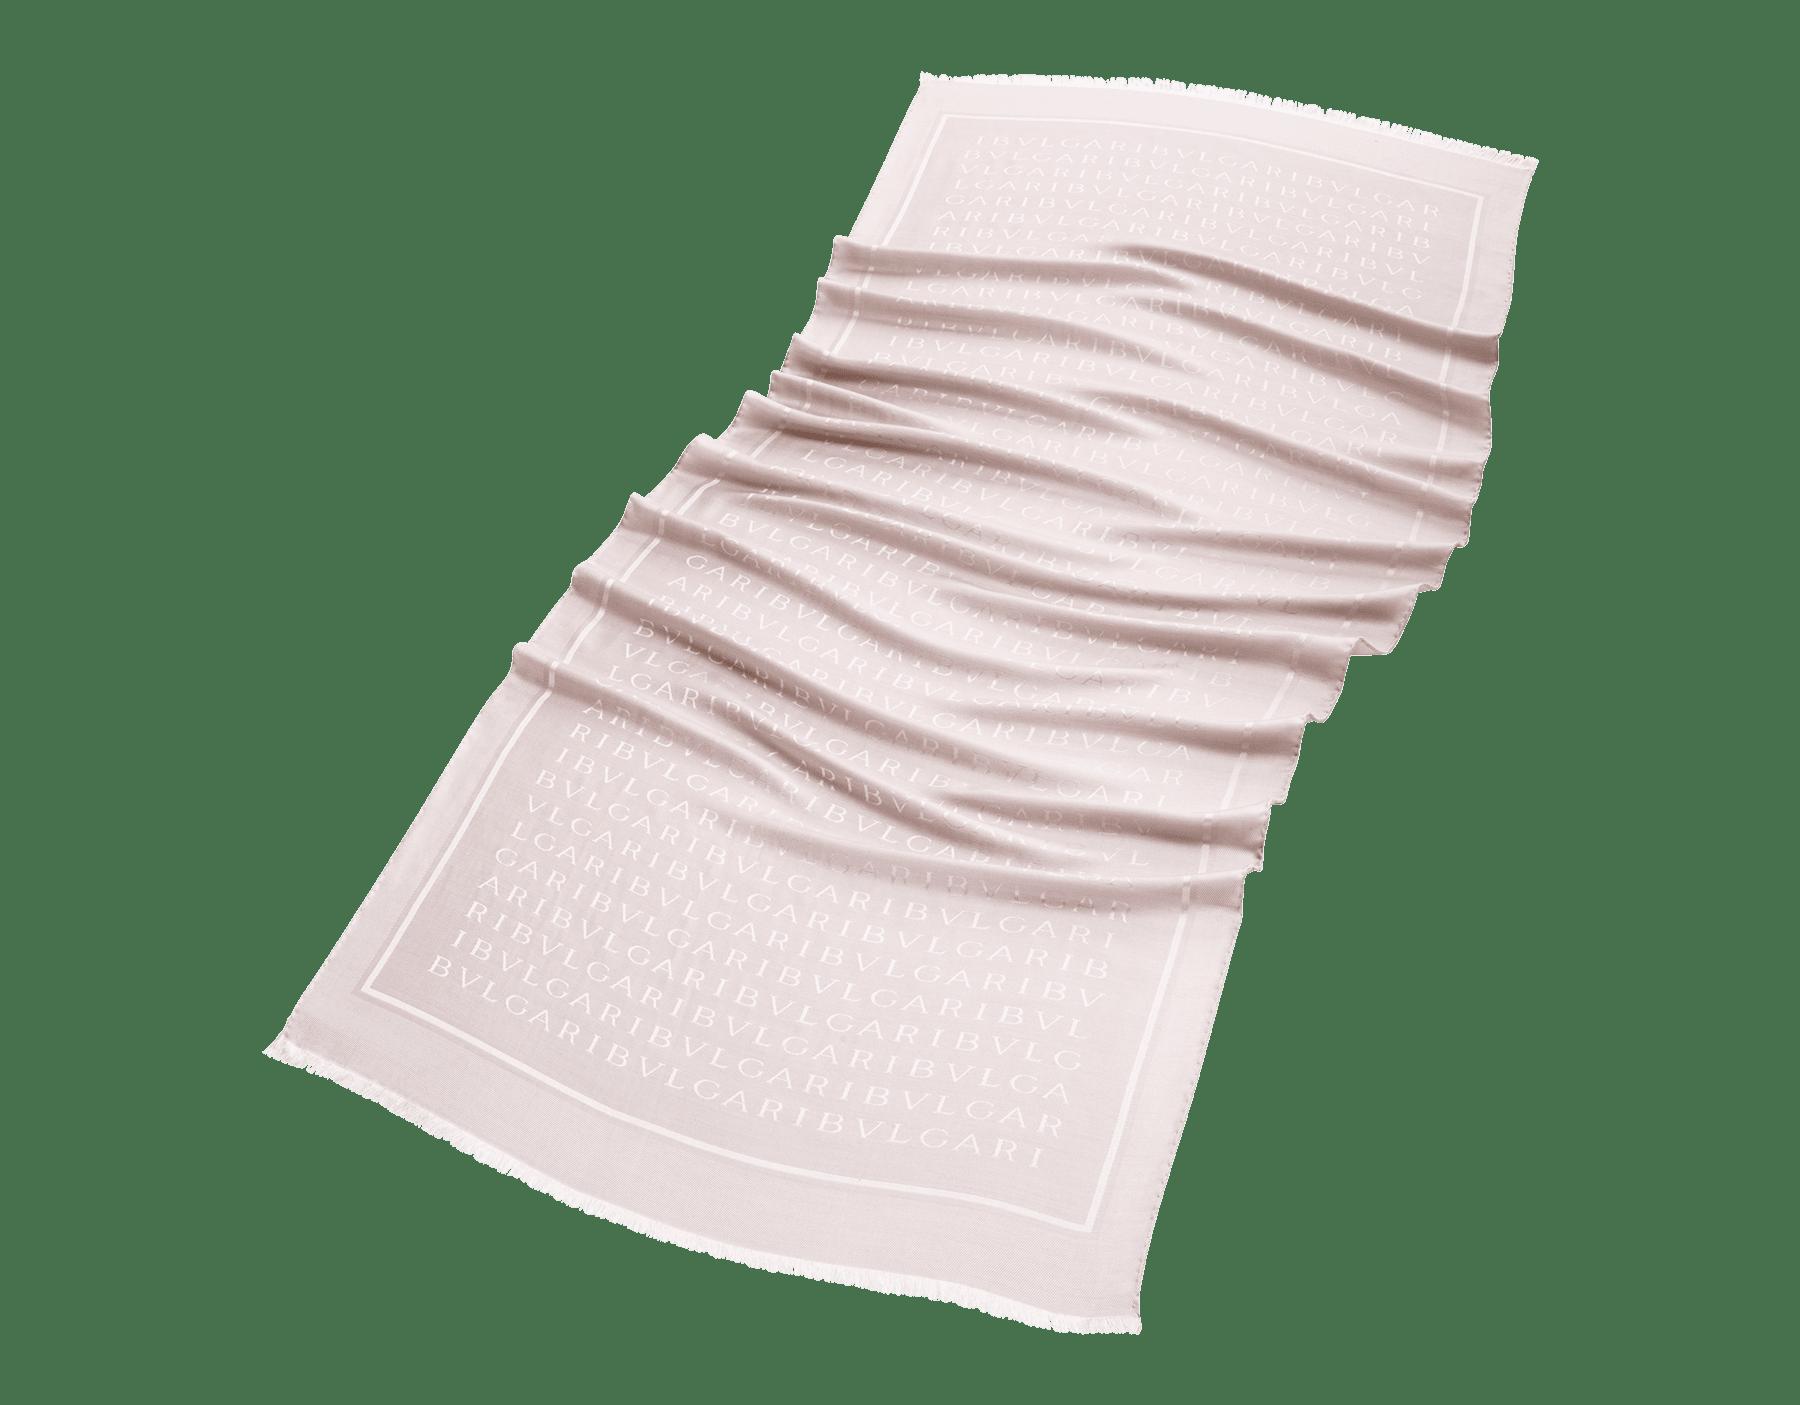 Stola Lettere Maxi color perla in pregiato tessuto di seta e lana. 244069 image 1